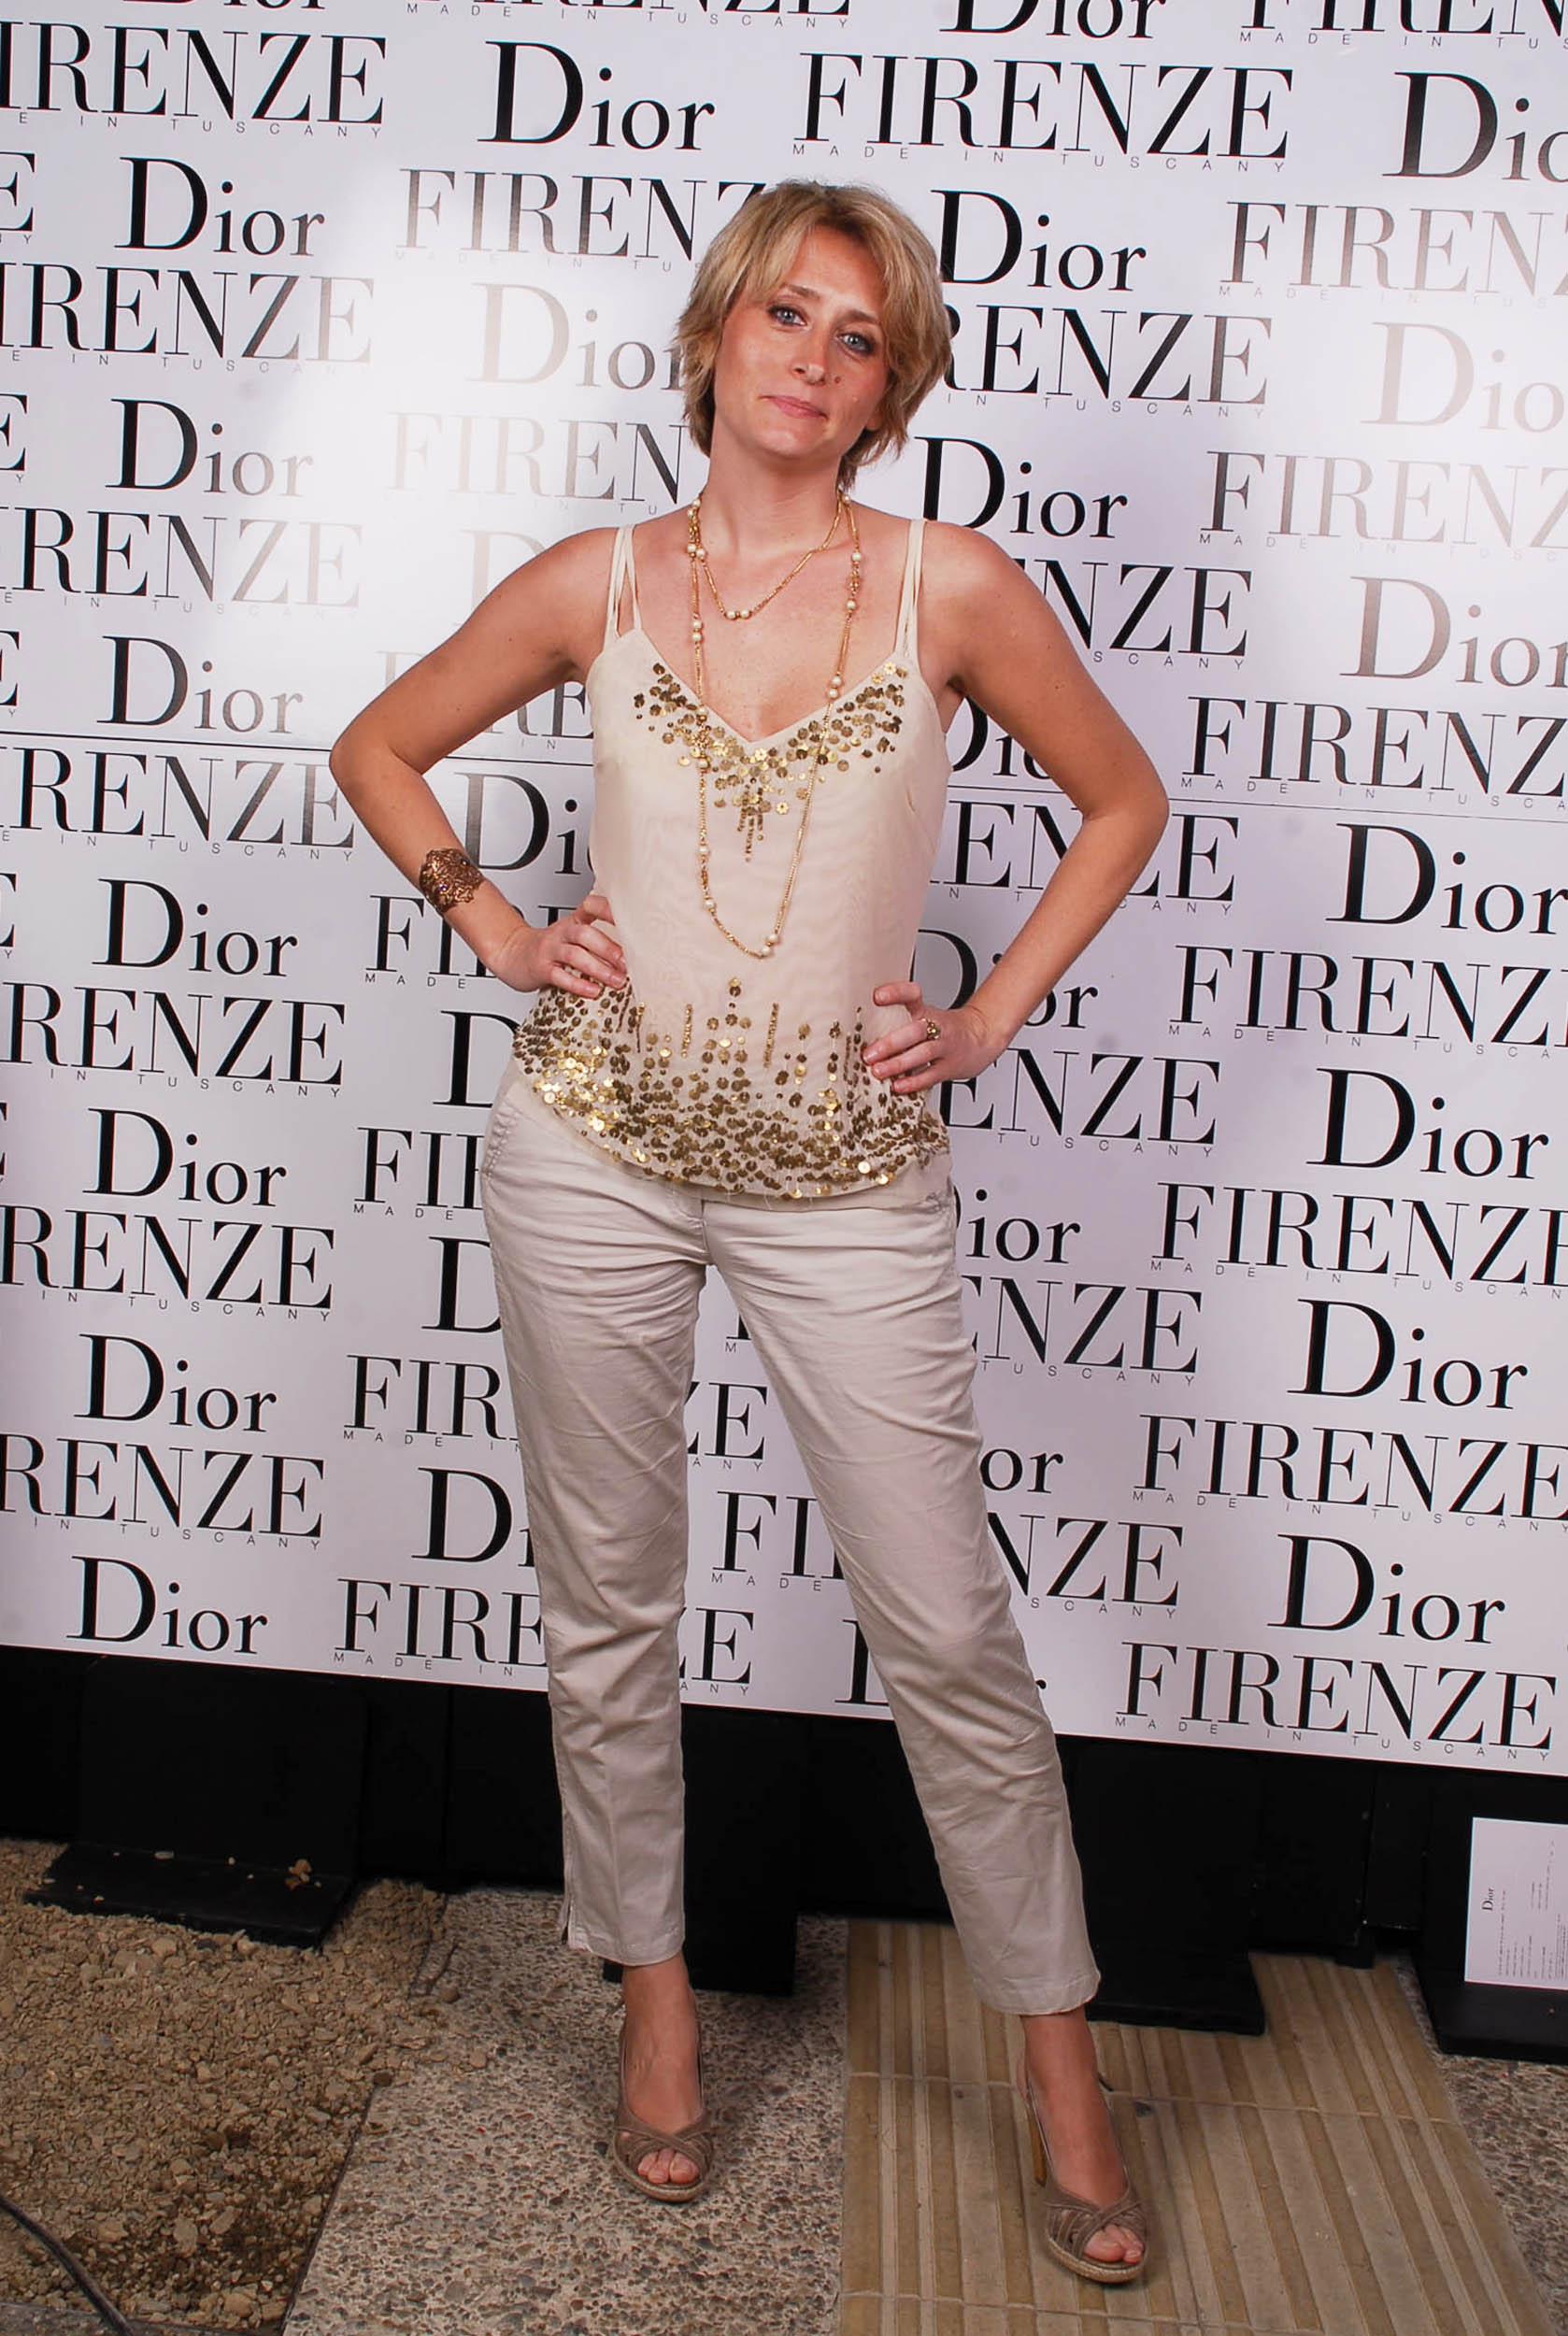 PRESSPHOTO  Firenze, evento Dior al teatro romano di Fiesole. Nella foto Sandra Salvato